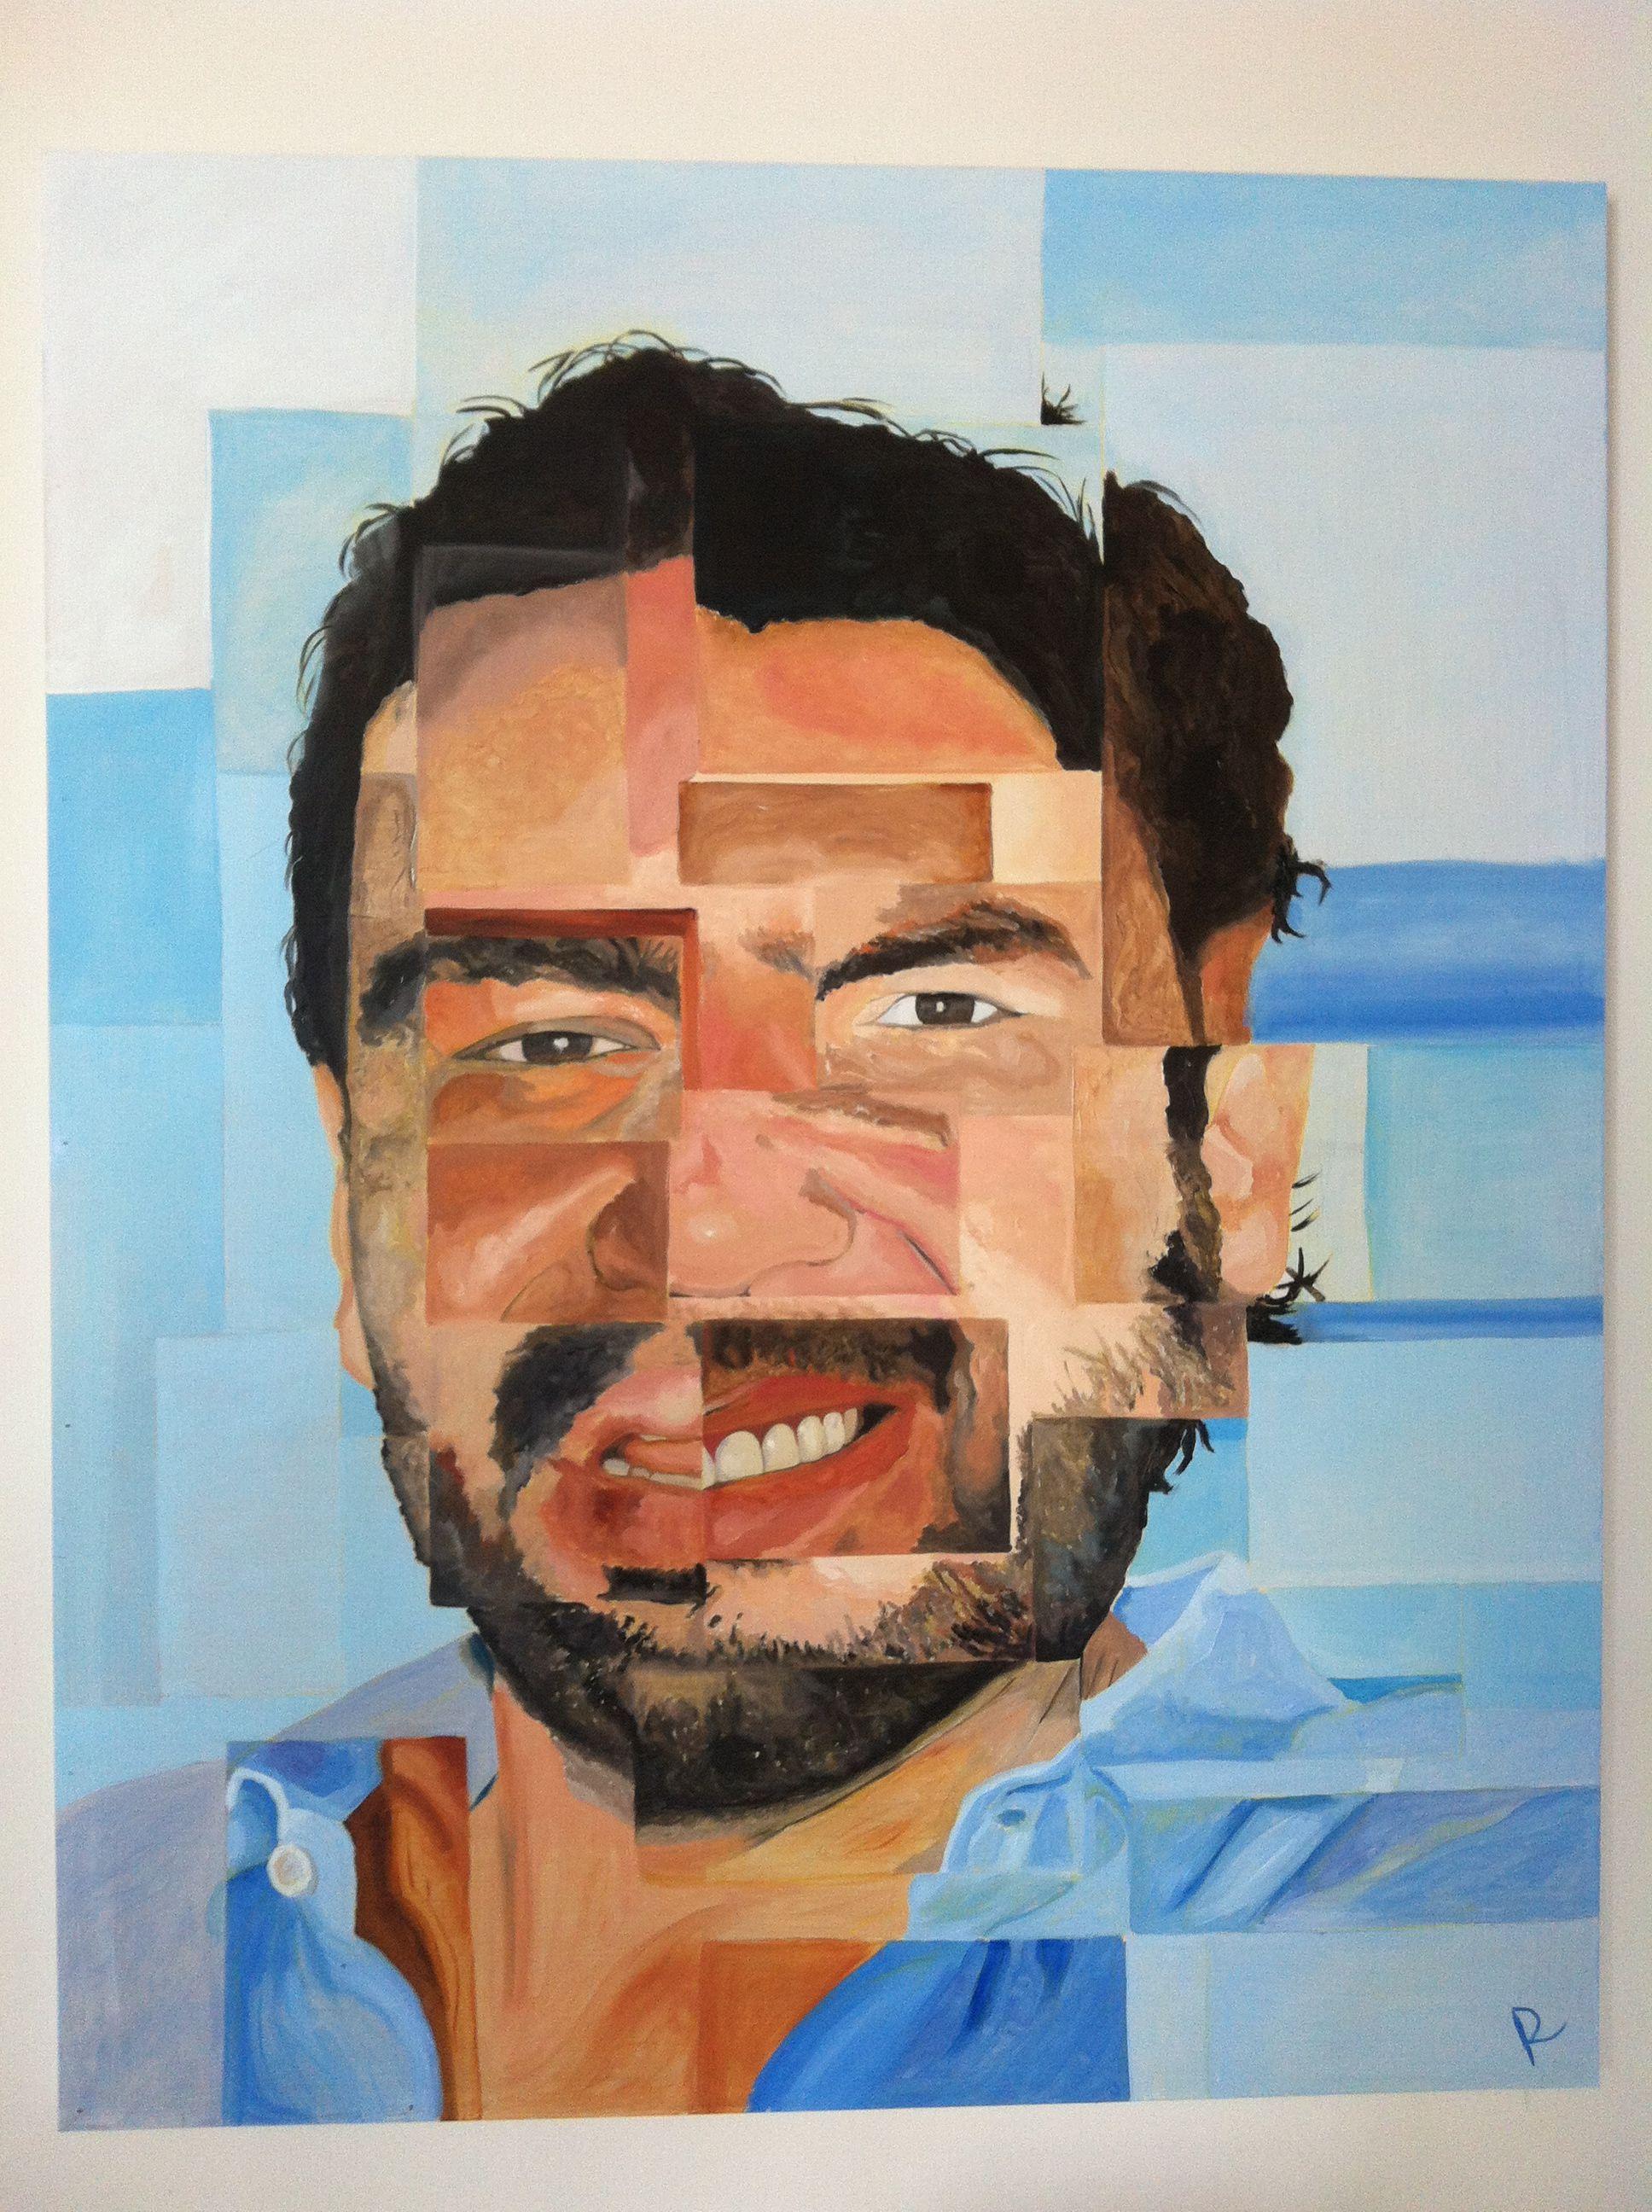 Retrato de Jorge, óleo sobre madera 1x.80 mts, Emilio Rama 2013